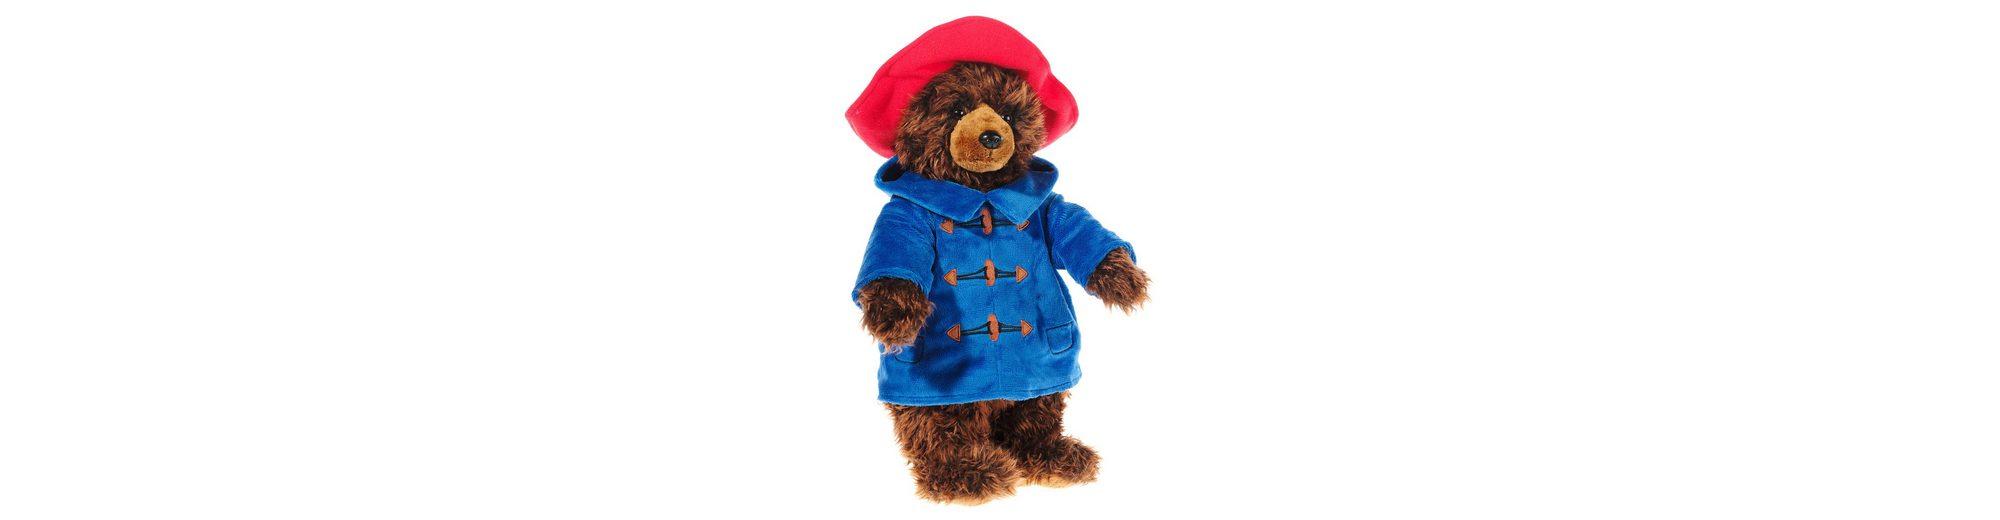 Heunec Plüschtier »Paddington Bär«